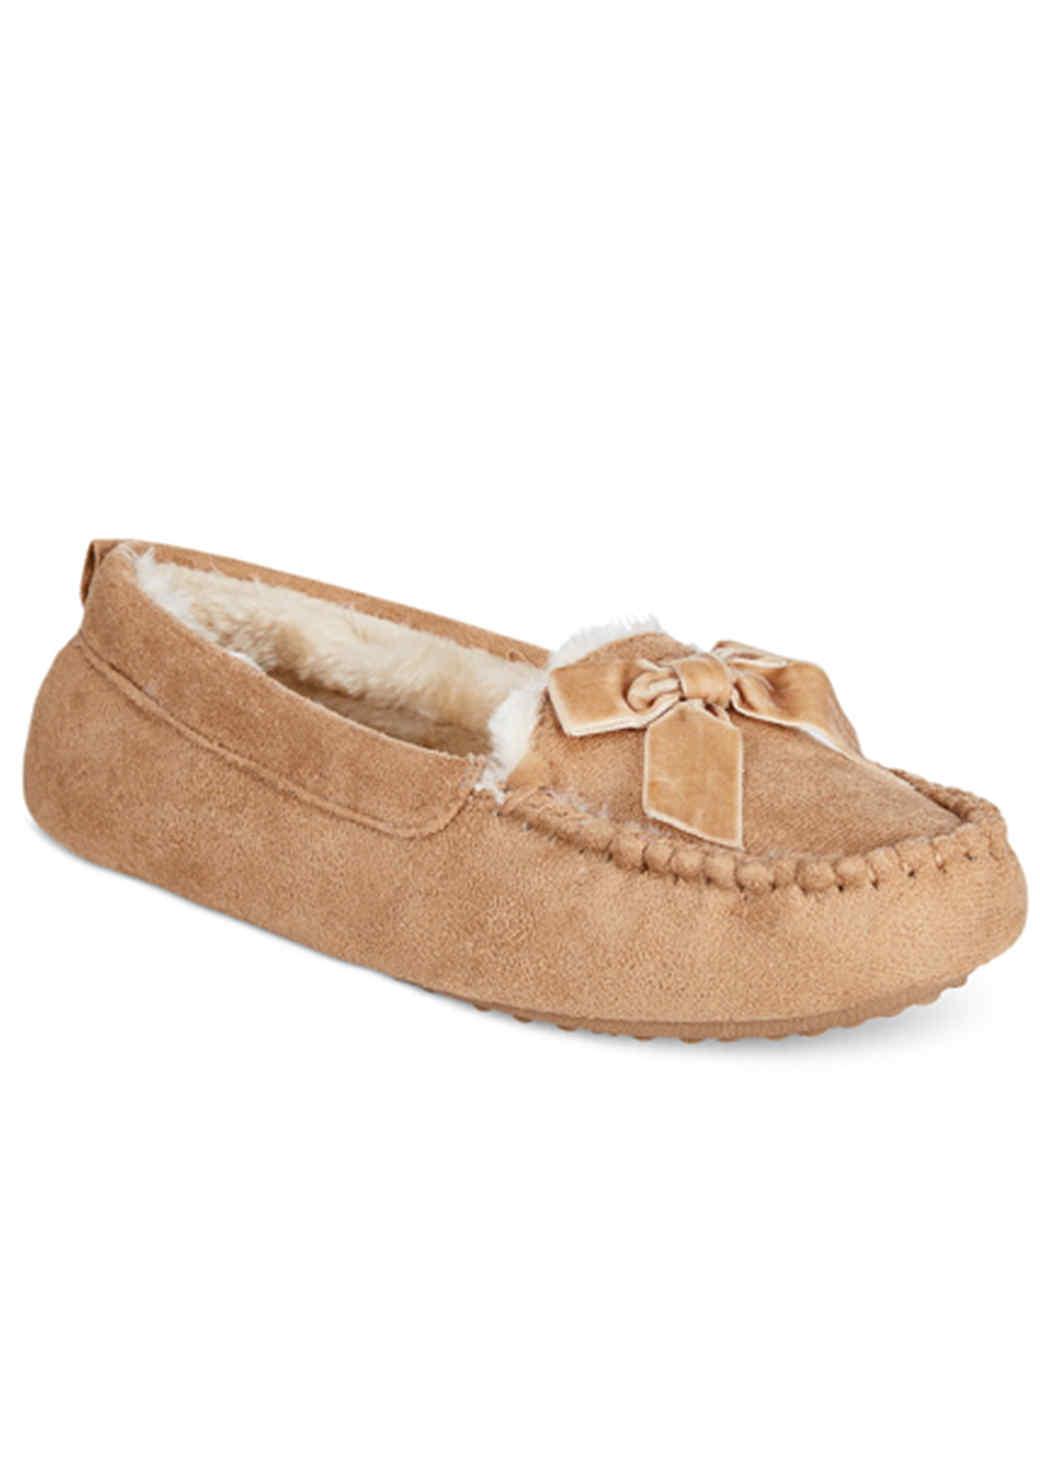 moccasin-slippers-1015.jpg (skyword:196068)